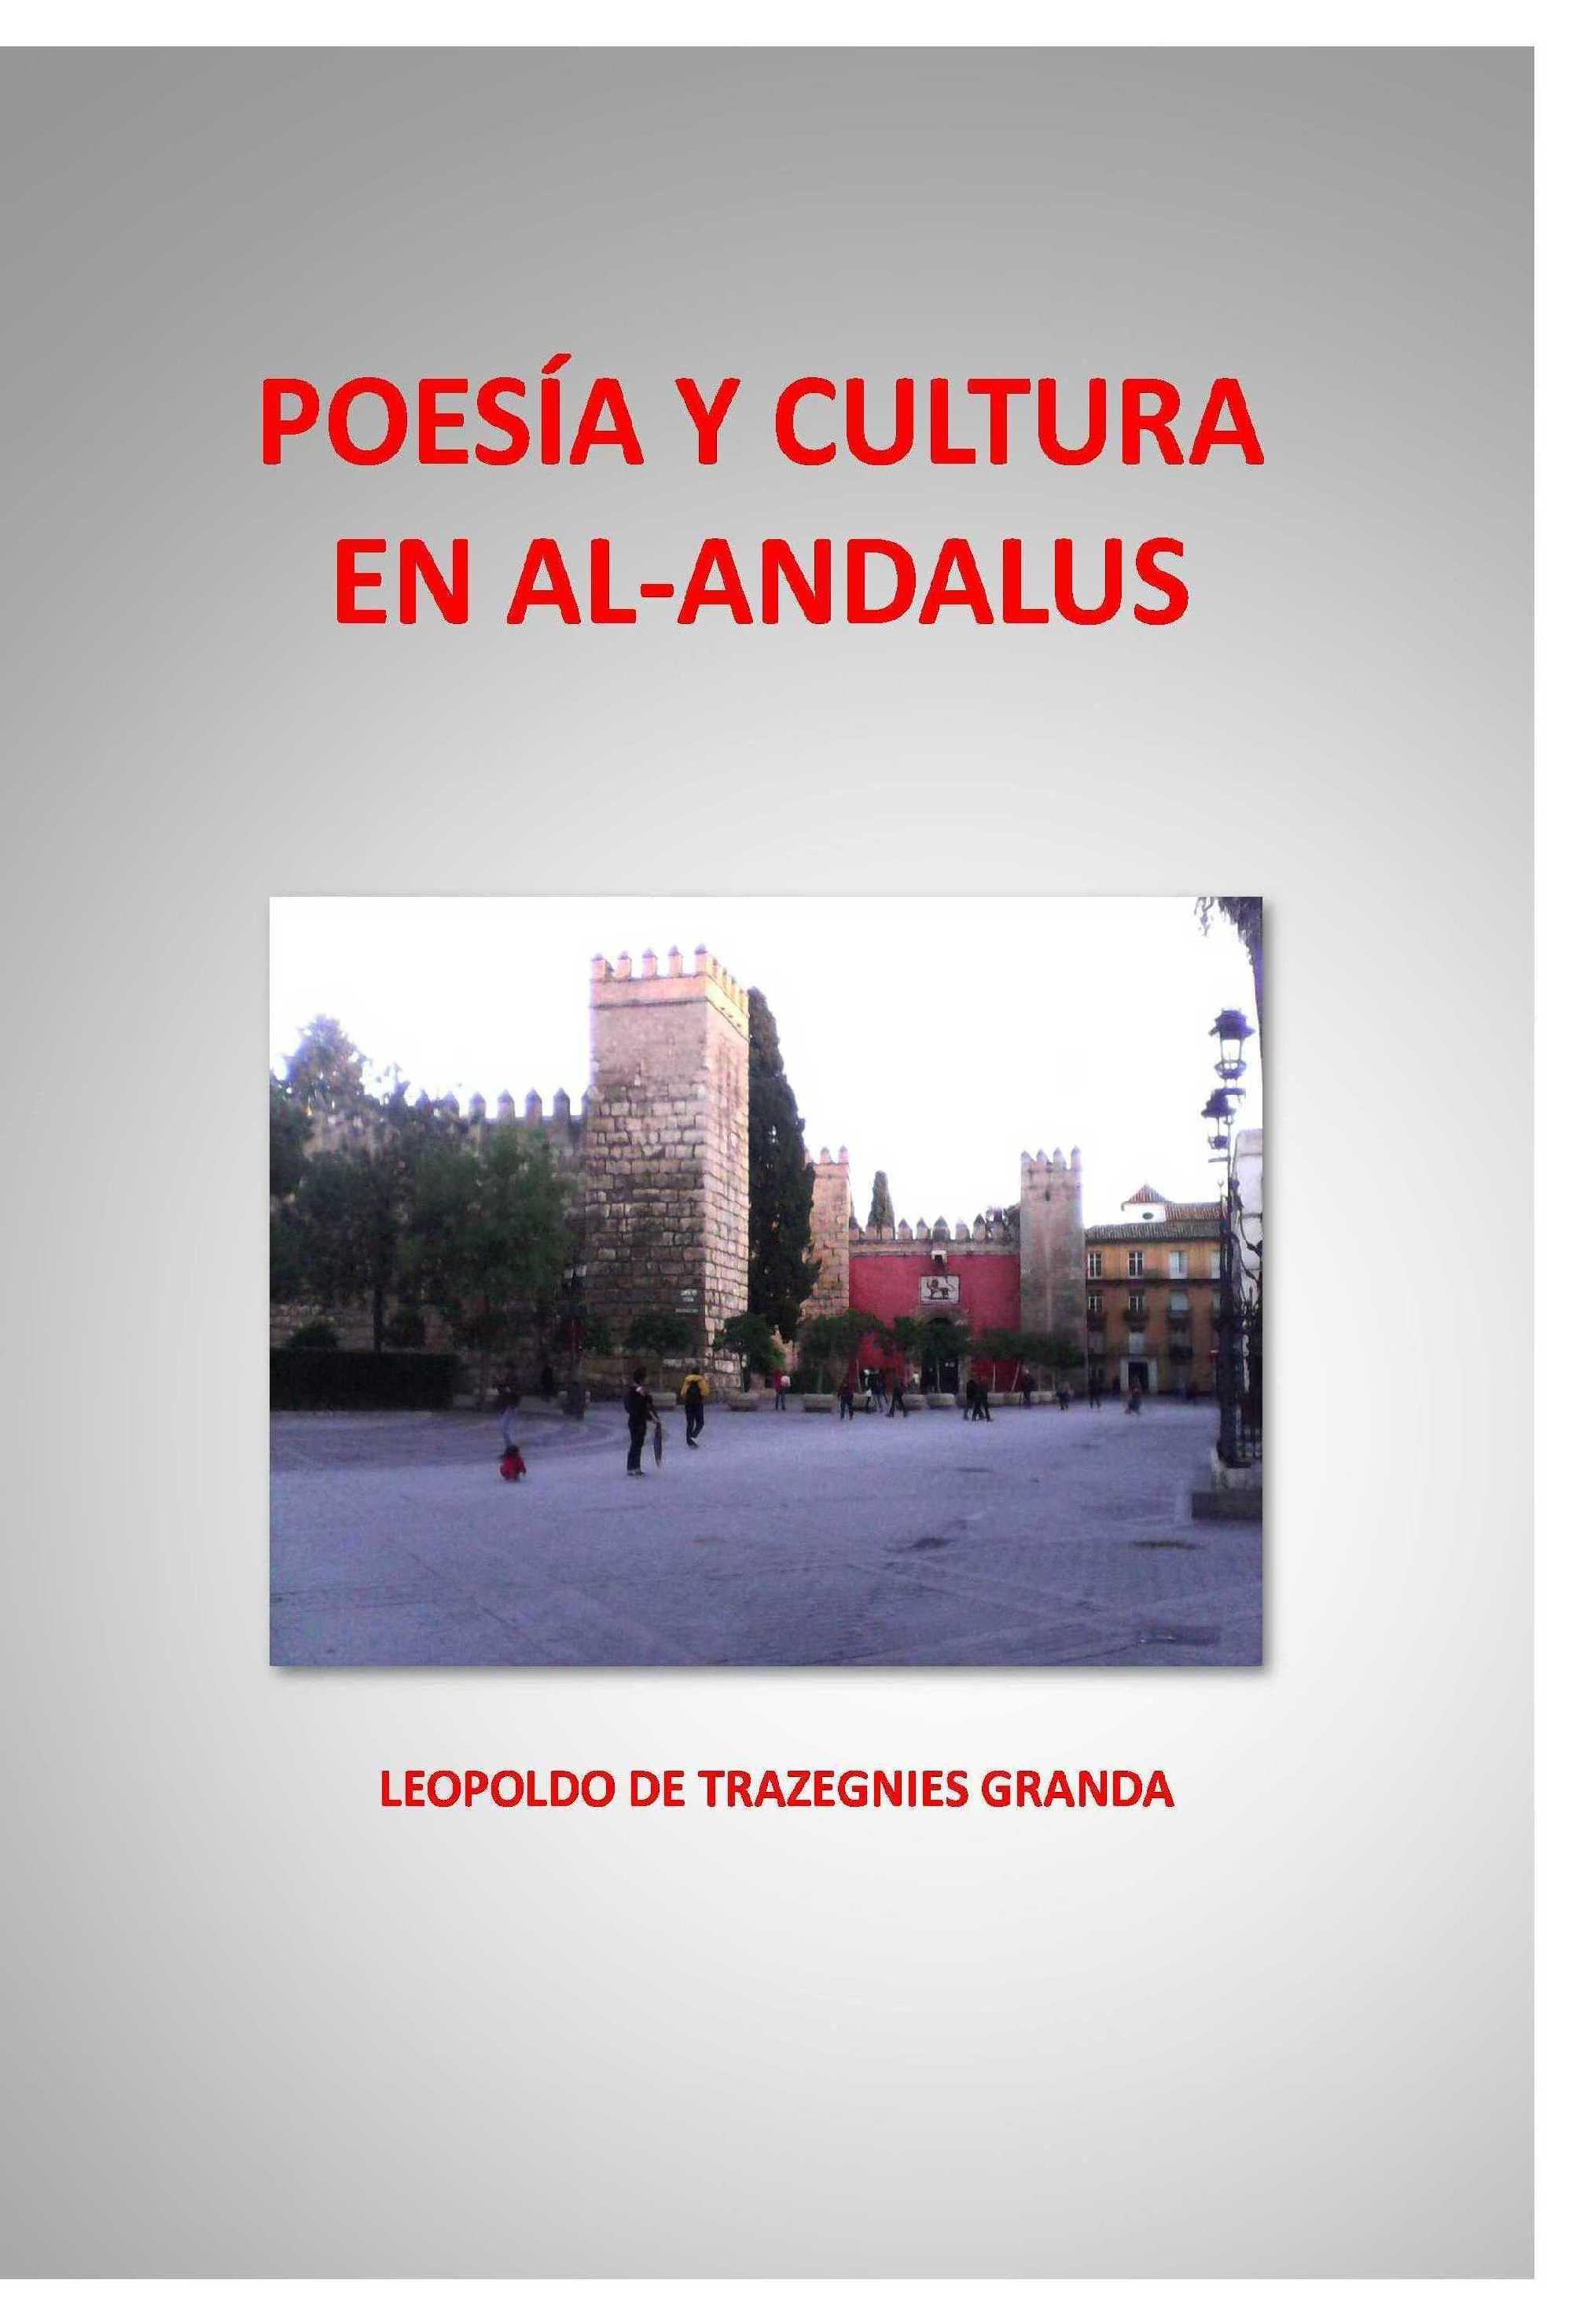 Poesia y cultura en al-Andalus